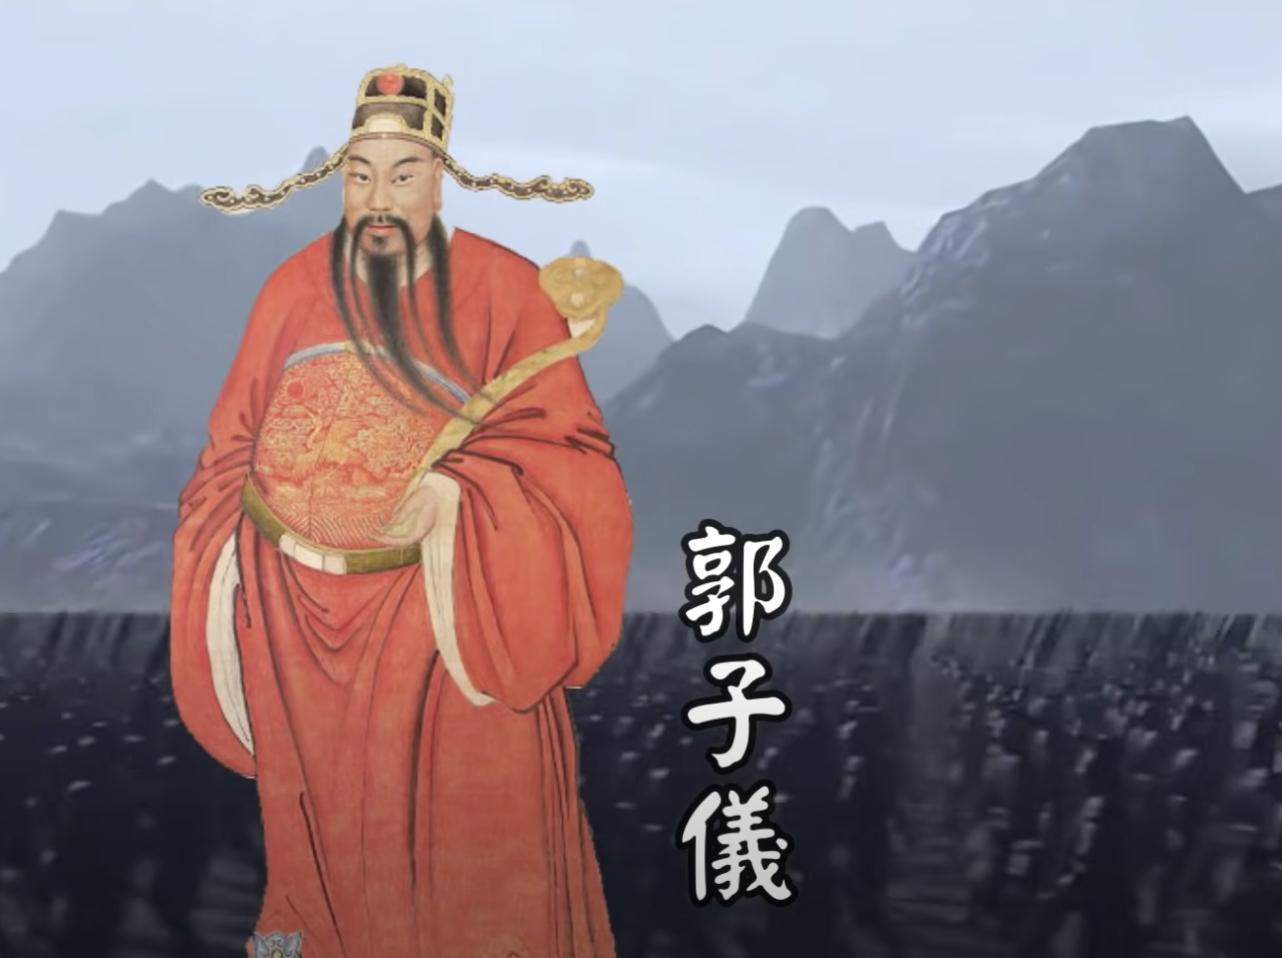 Quách Tử Nghi dụng binh như Thần, uy danh vang xa khắp nơi. (Ảnh chụp màn hình video)